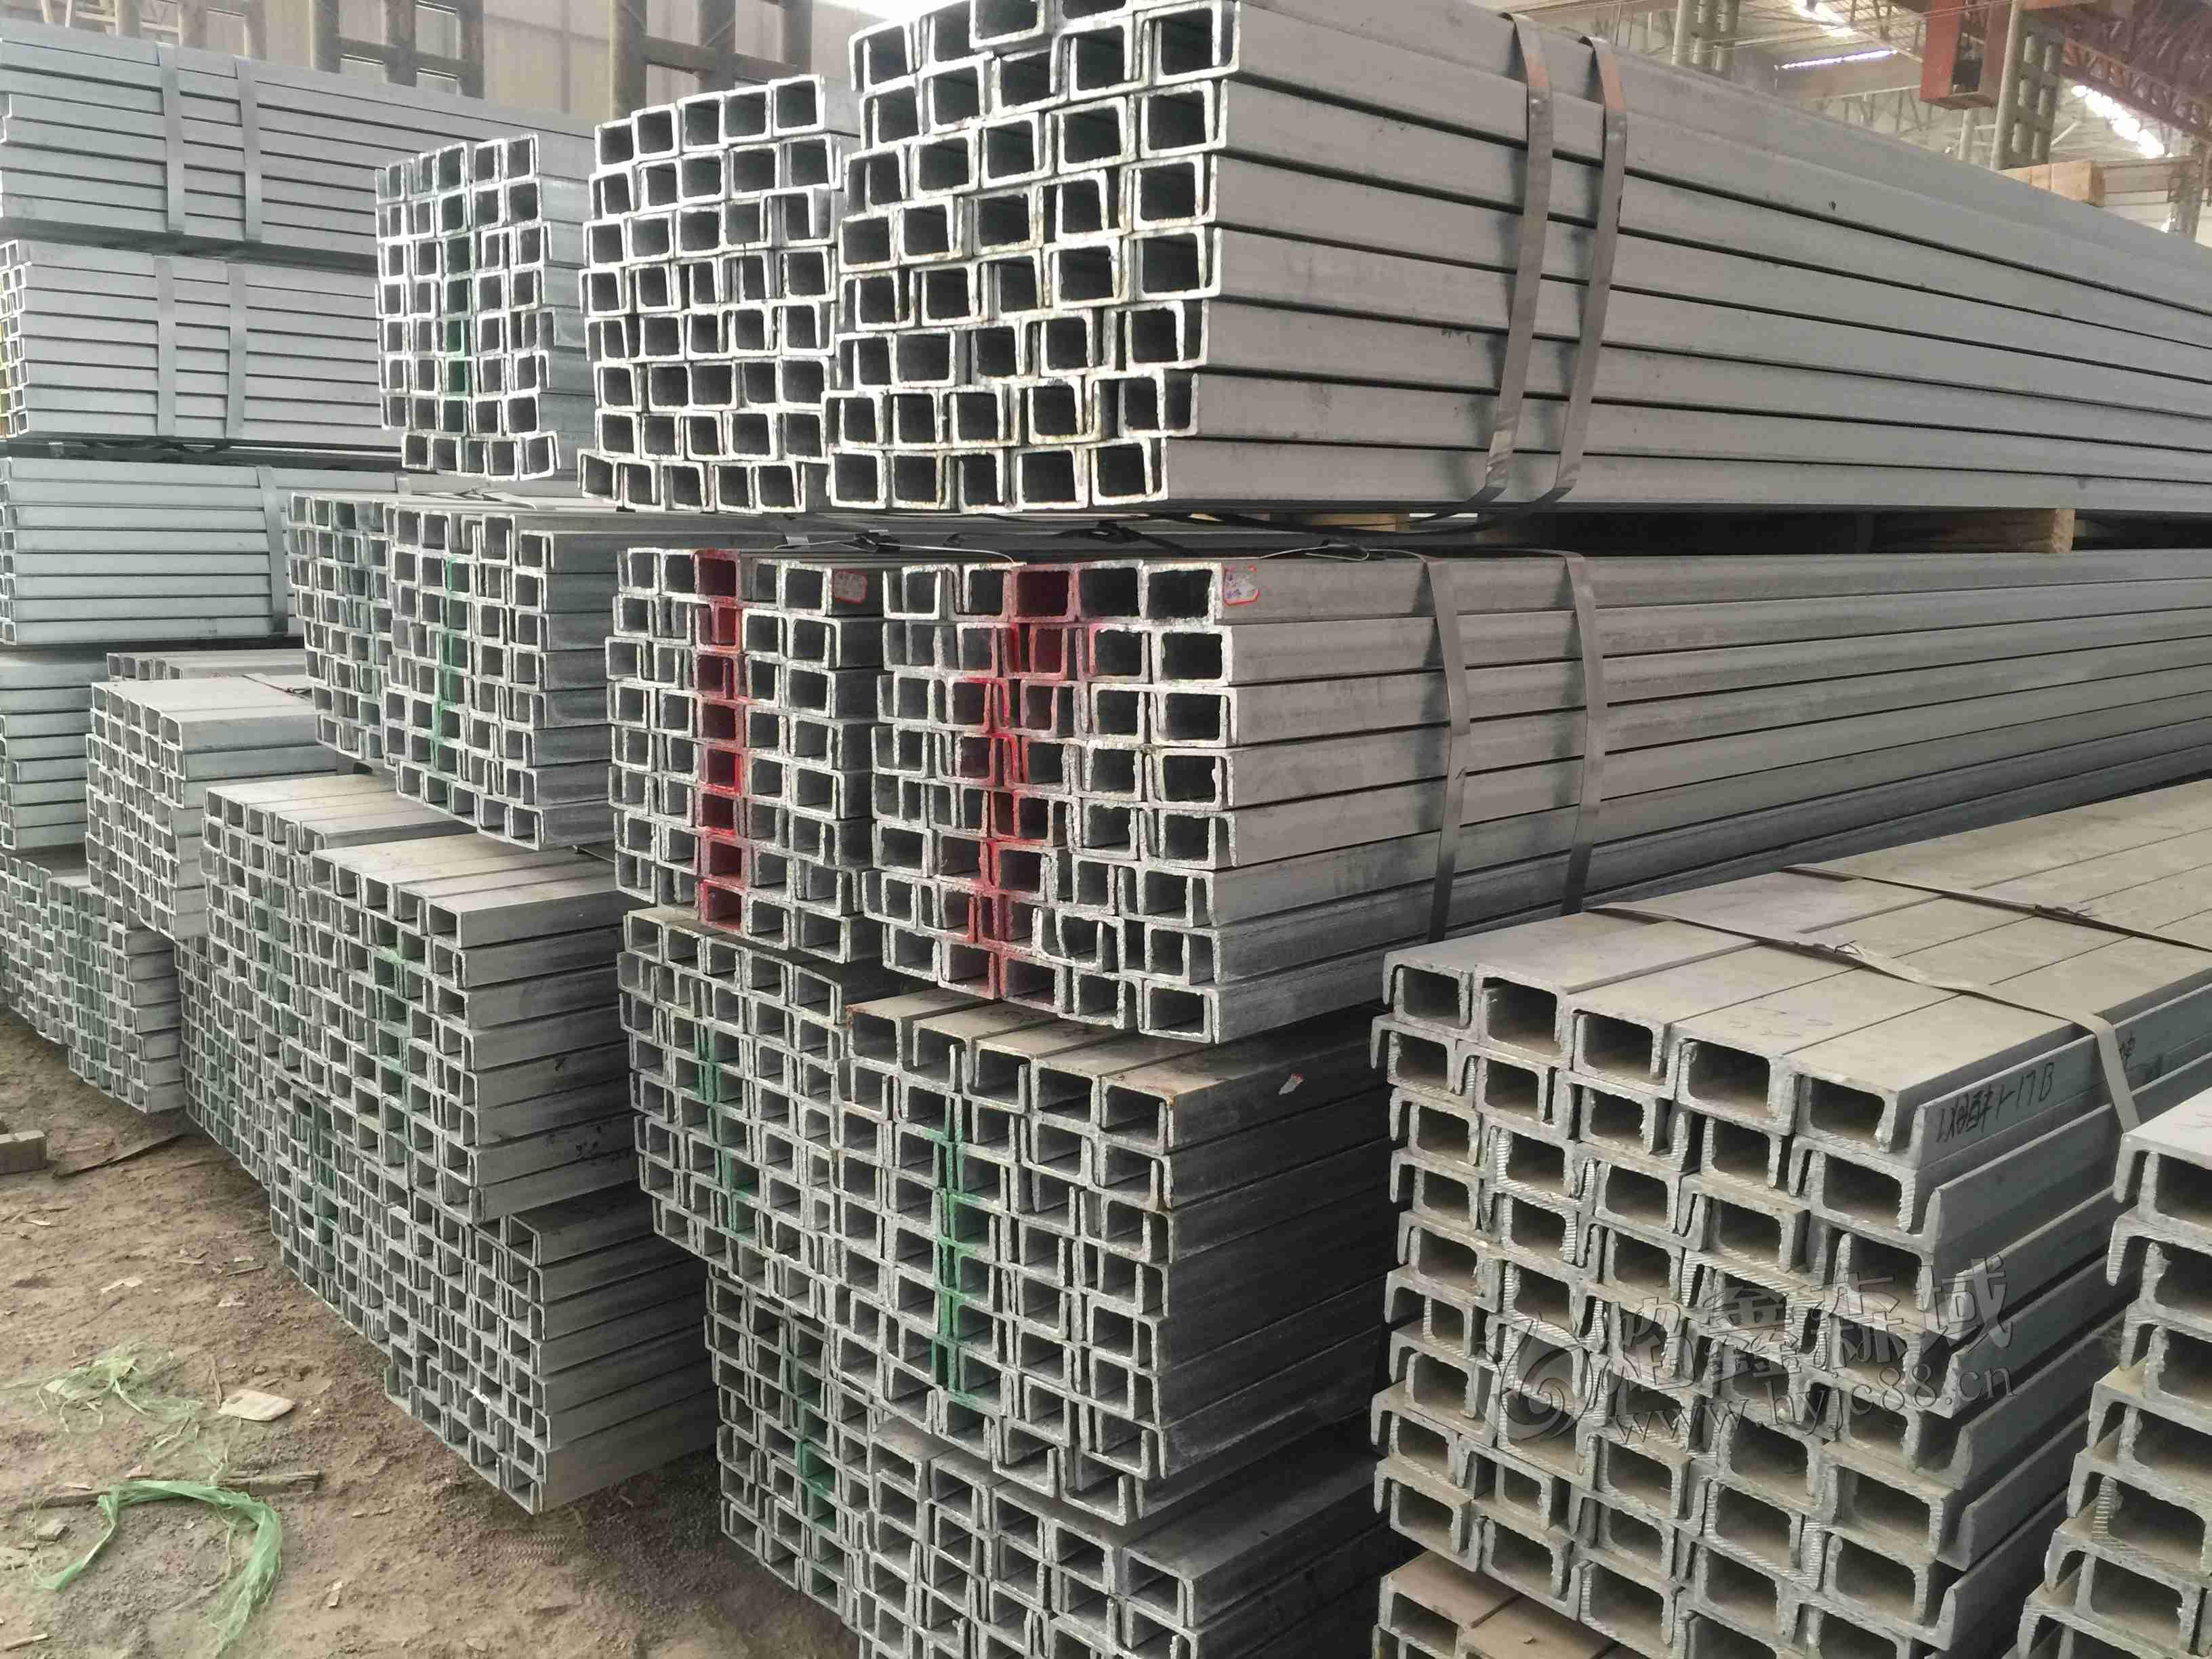 河北热镀锌槽钢厂家告诉您热镀锌槽钢是怎样生产的